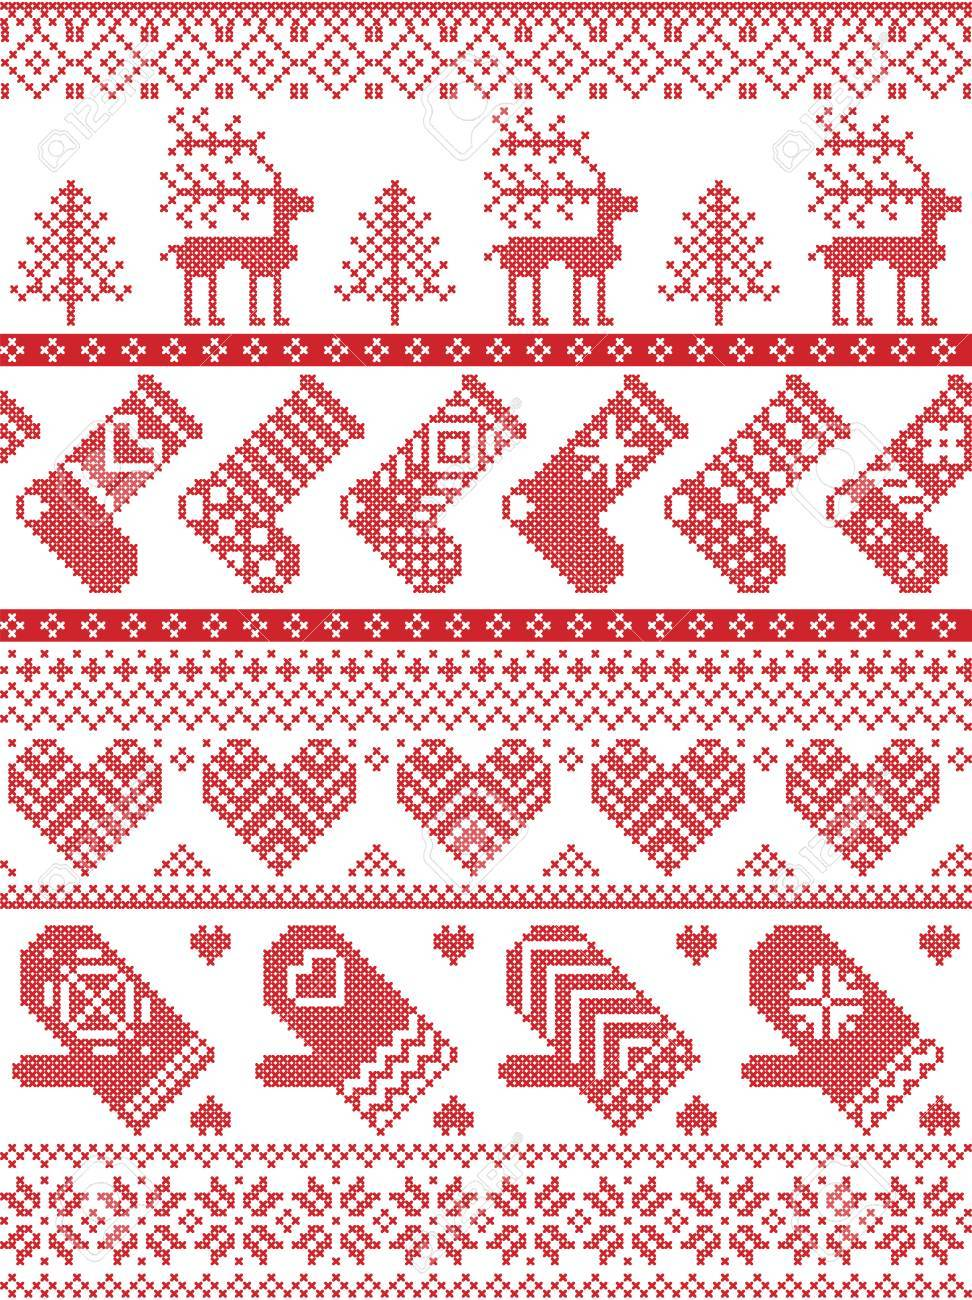 Skandinavisches, Nordisches Artwinterstickendes Weihnachtsmuster ...